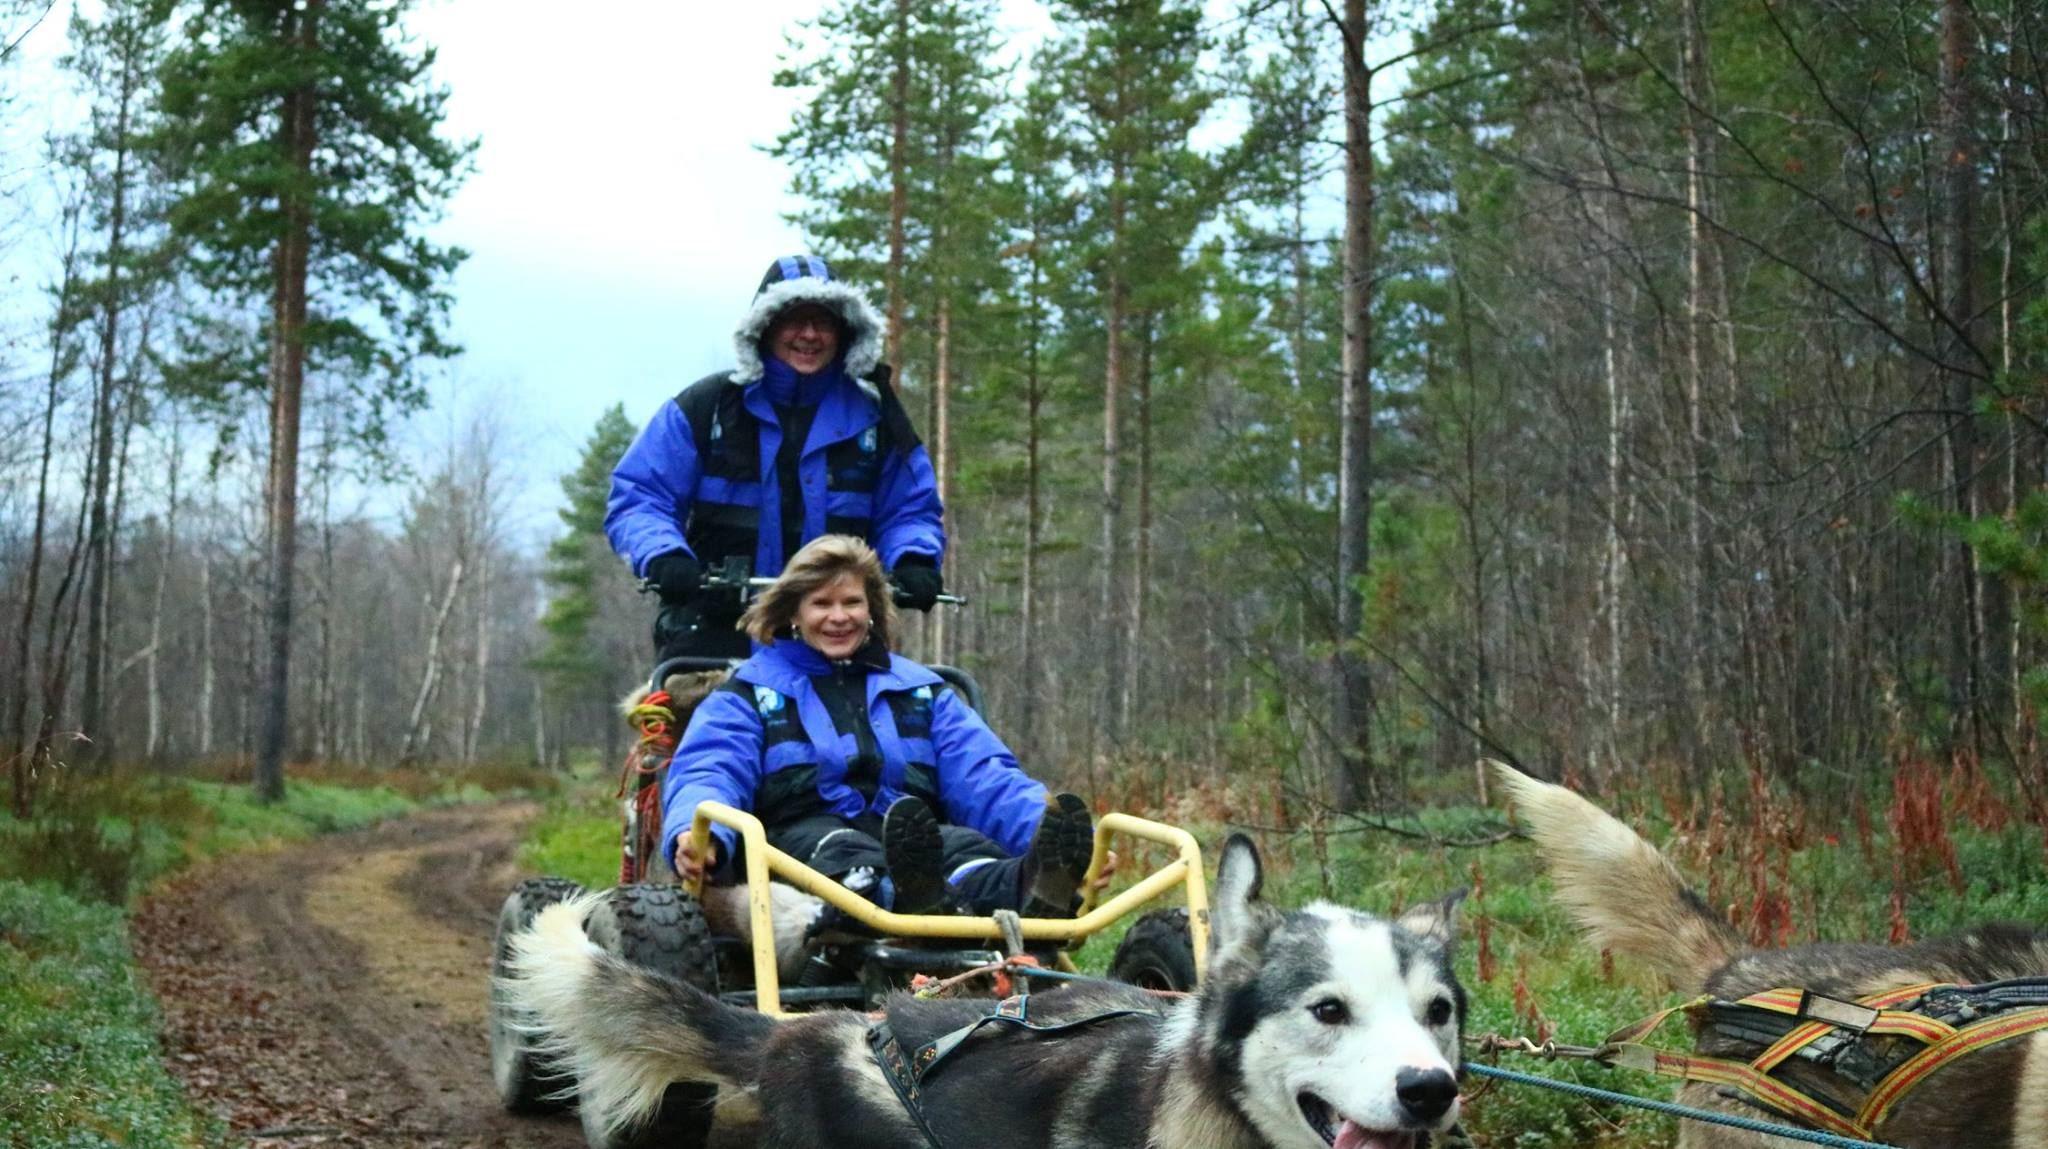 Wagon tour with huskies